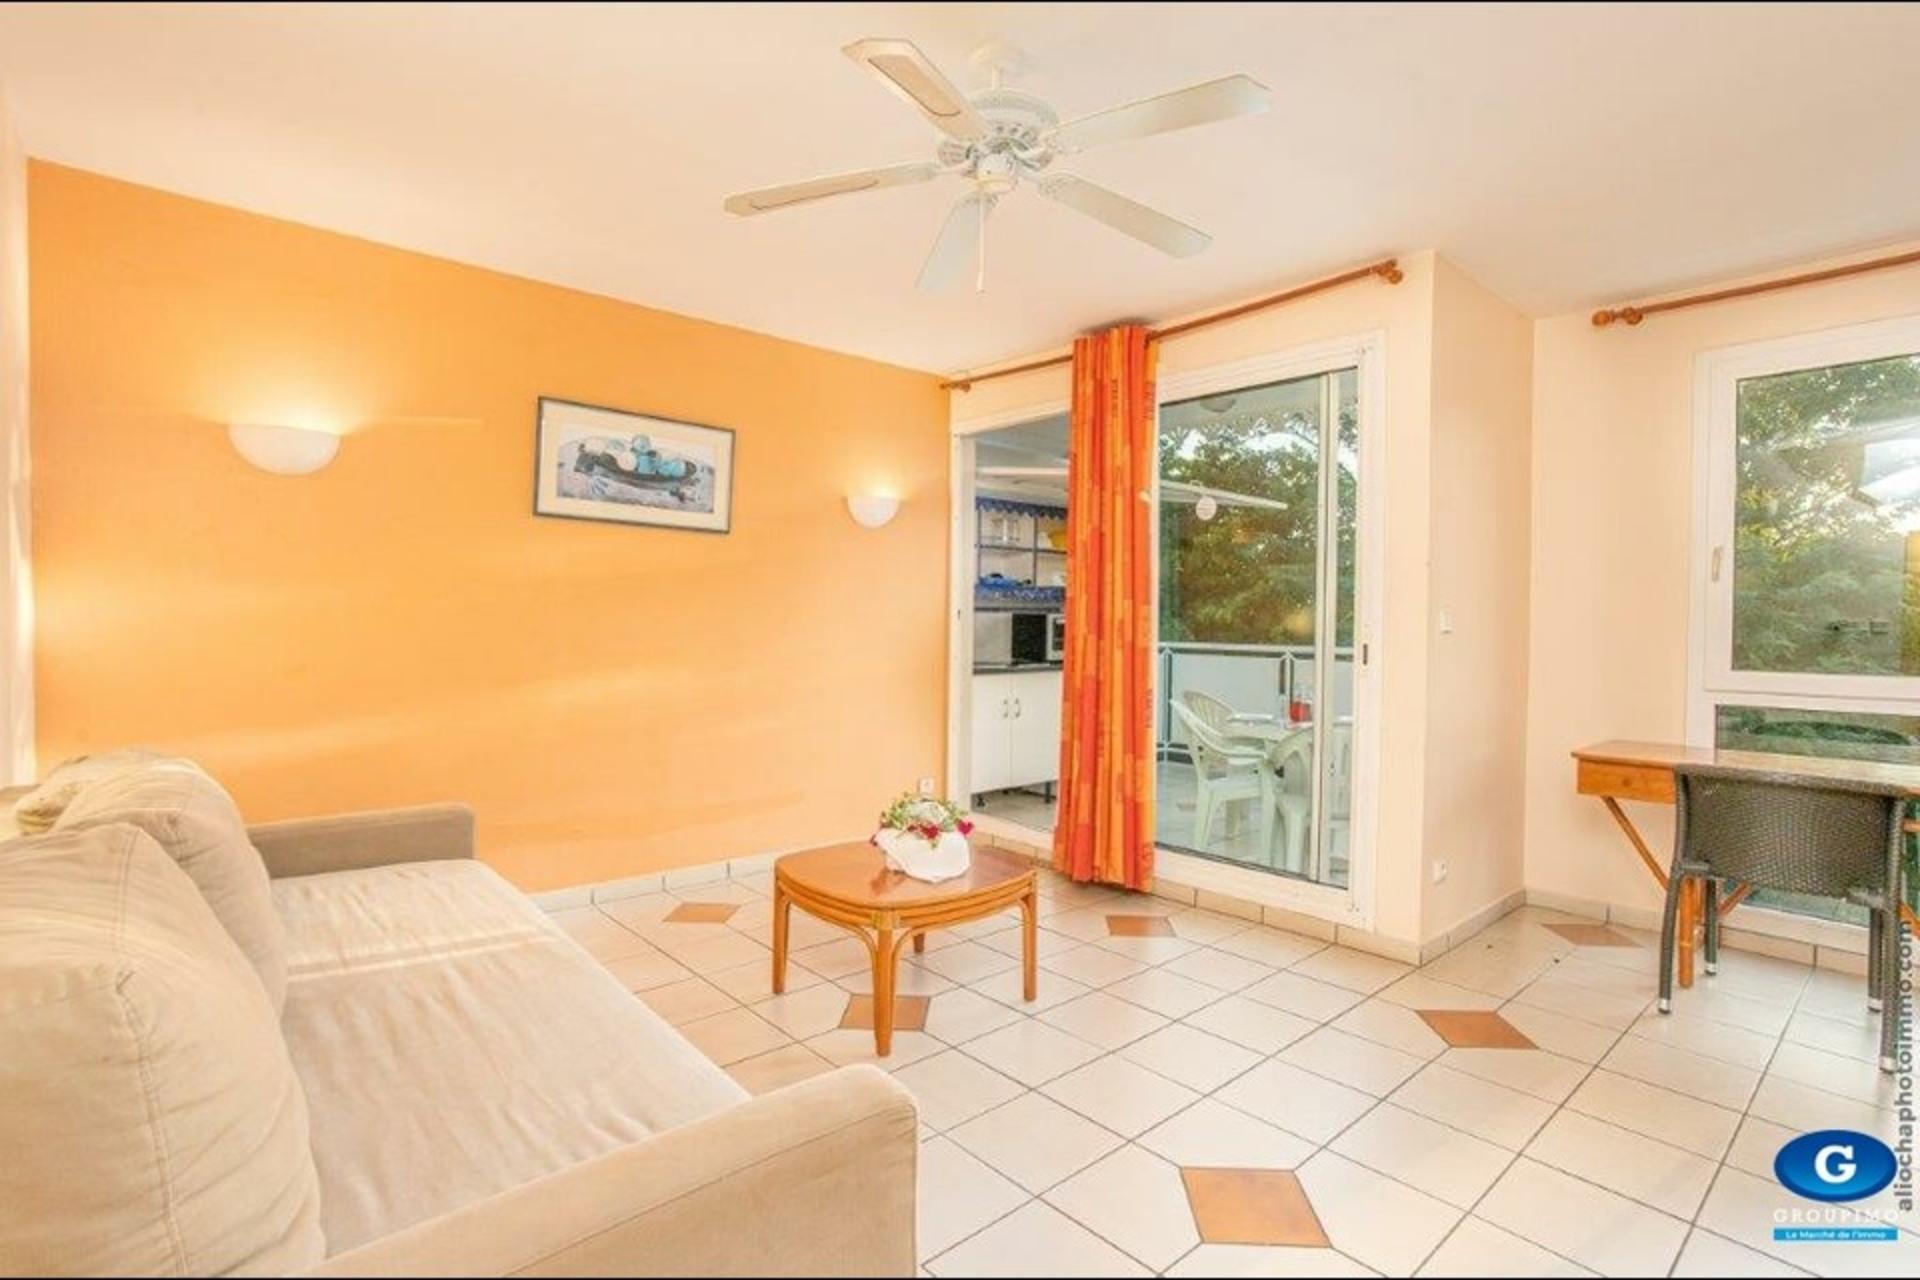 image 0 - Appartement À vendre Sainte-Luce - 1 pièce